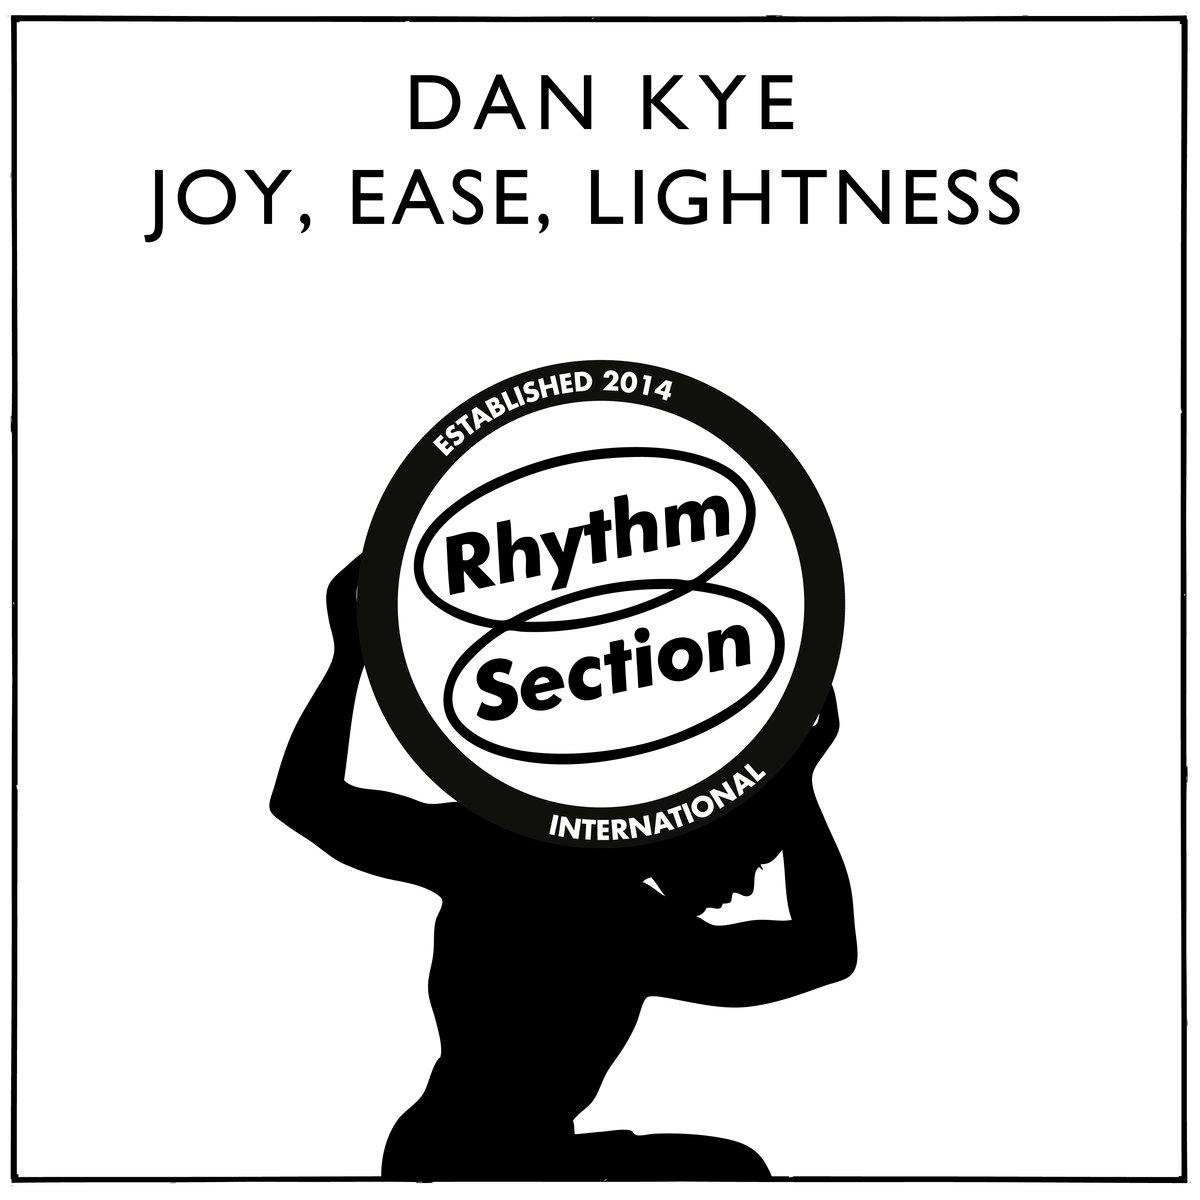 Rhythm Section International